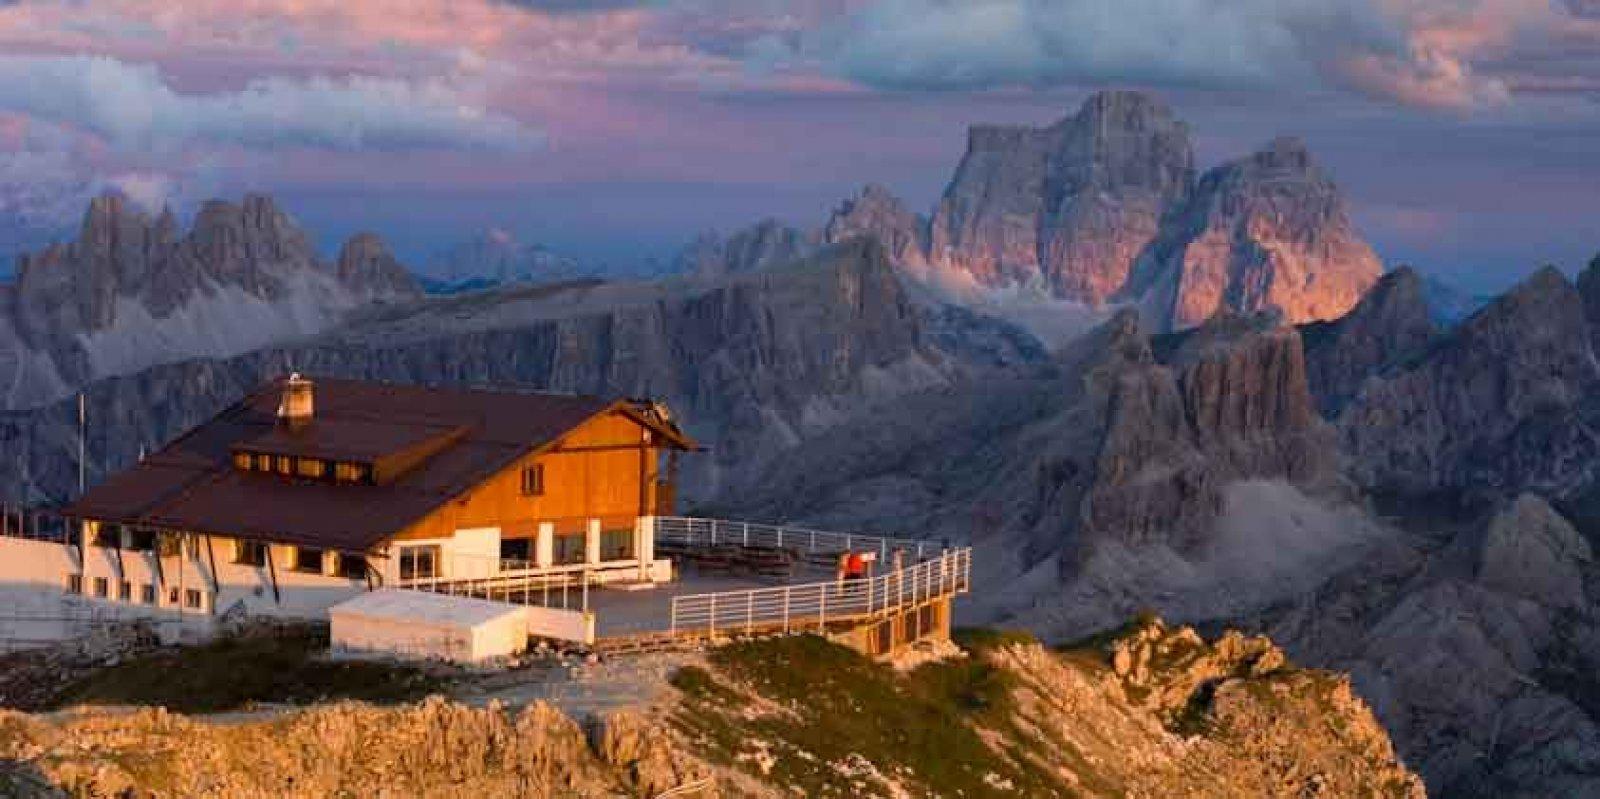 Rifugio Lagazuoi Vacanza A Cortina D Ampezzo Partners